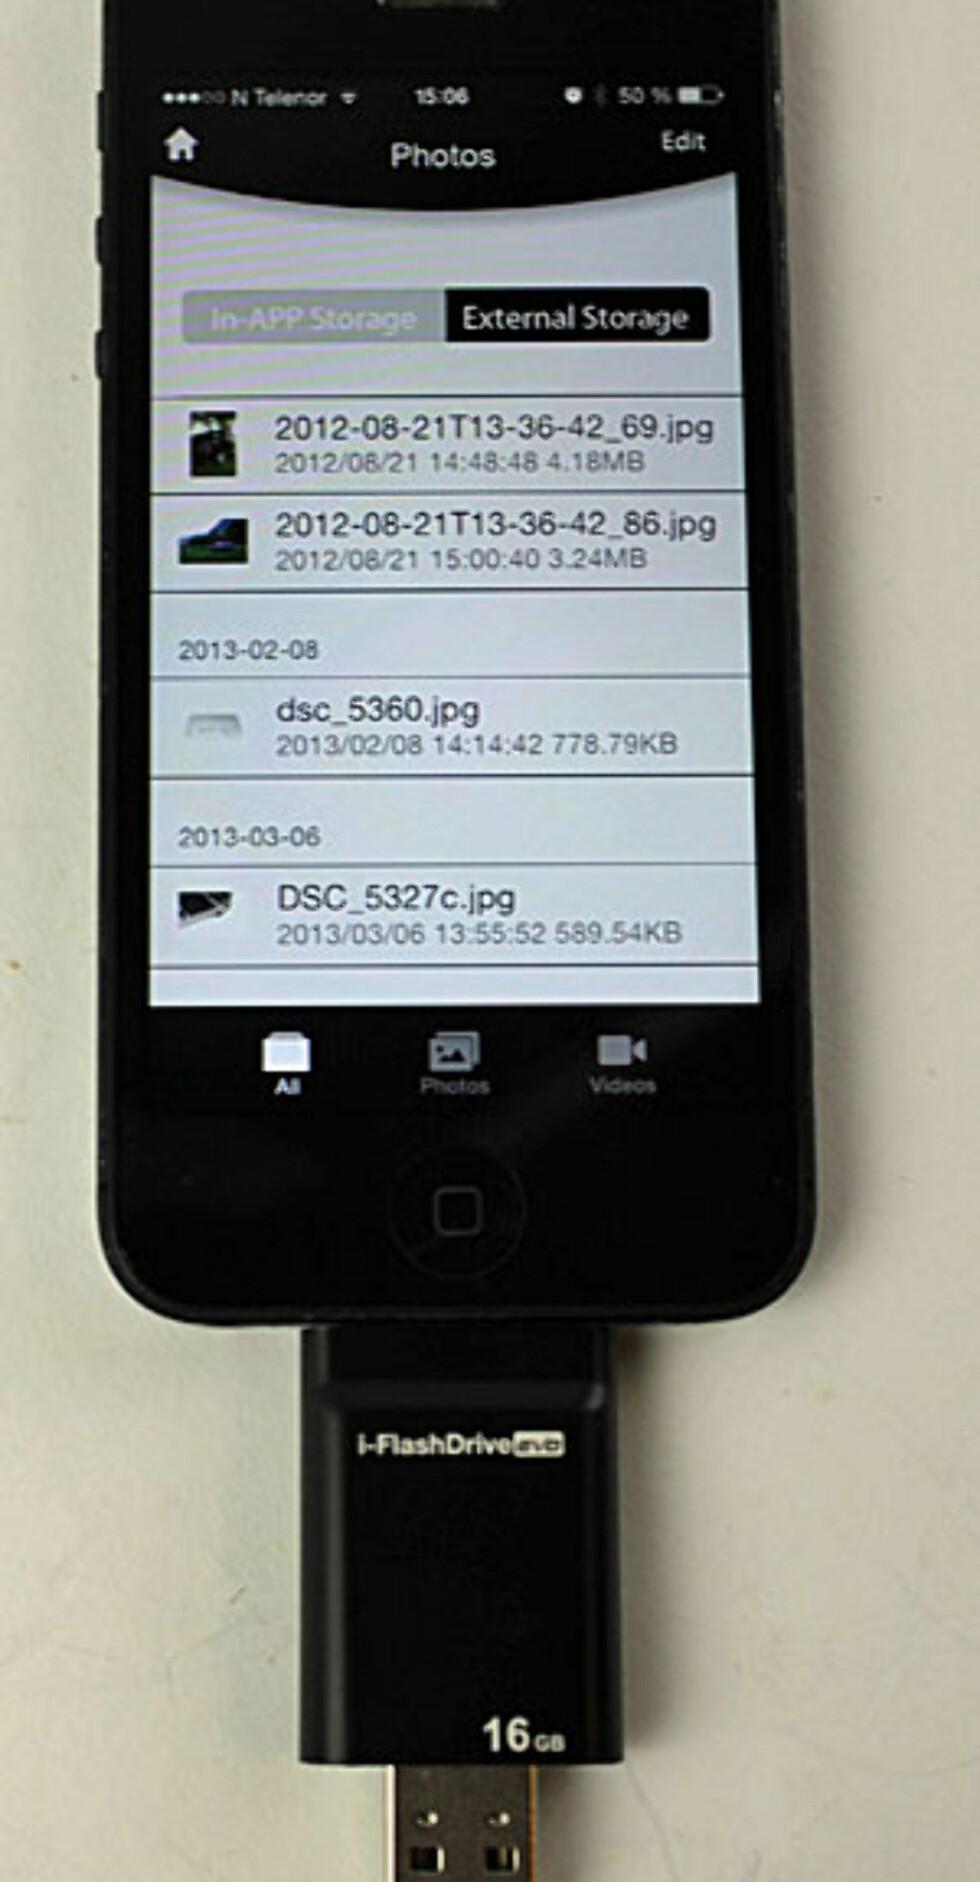 i-FlashDrive: Appens listing av bilder på minnekortet. Foto: ØYVIND PAULSEN